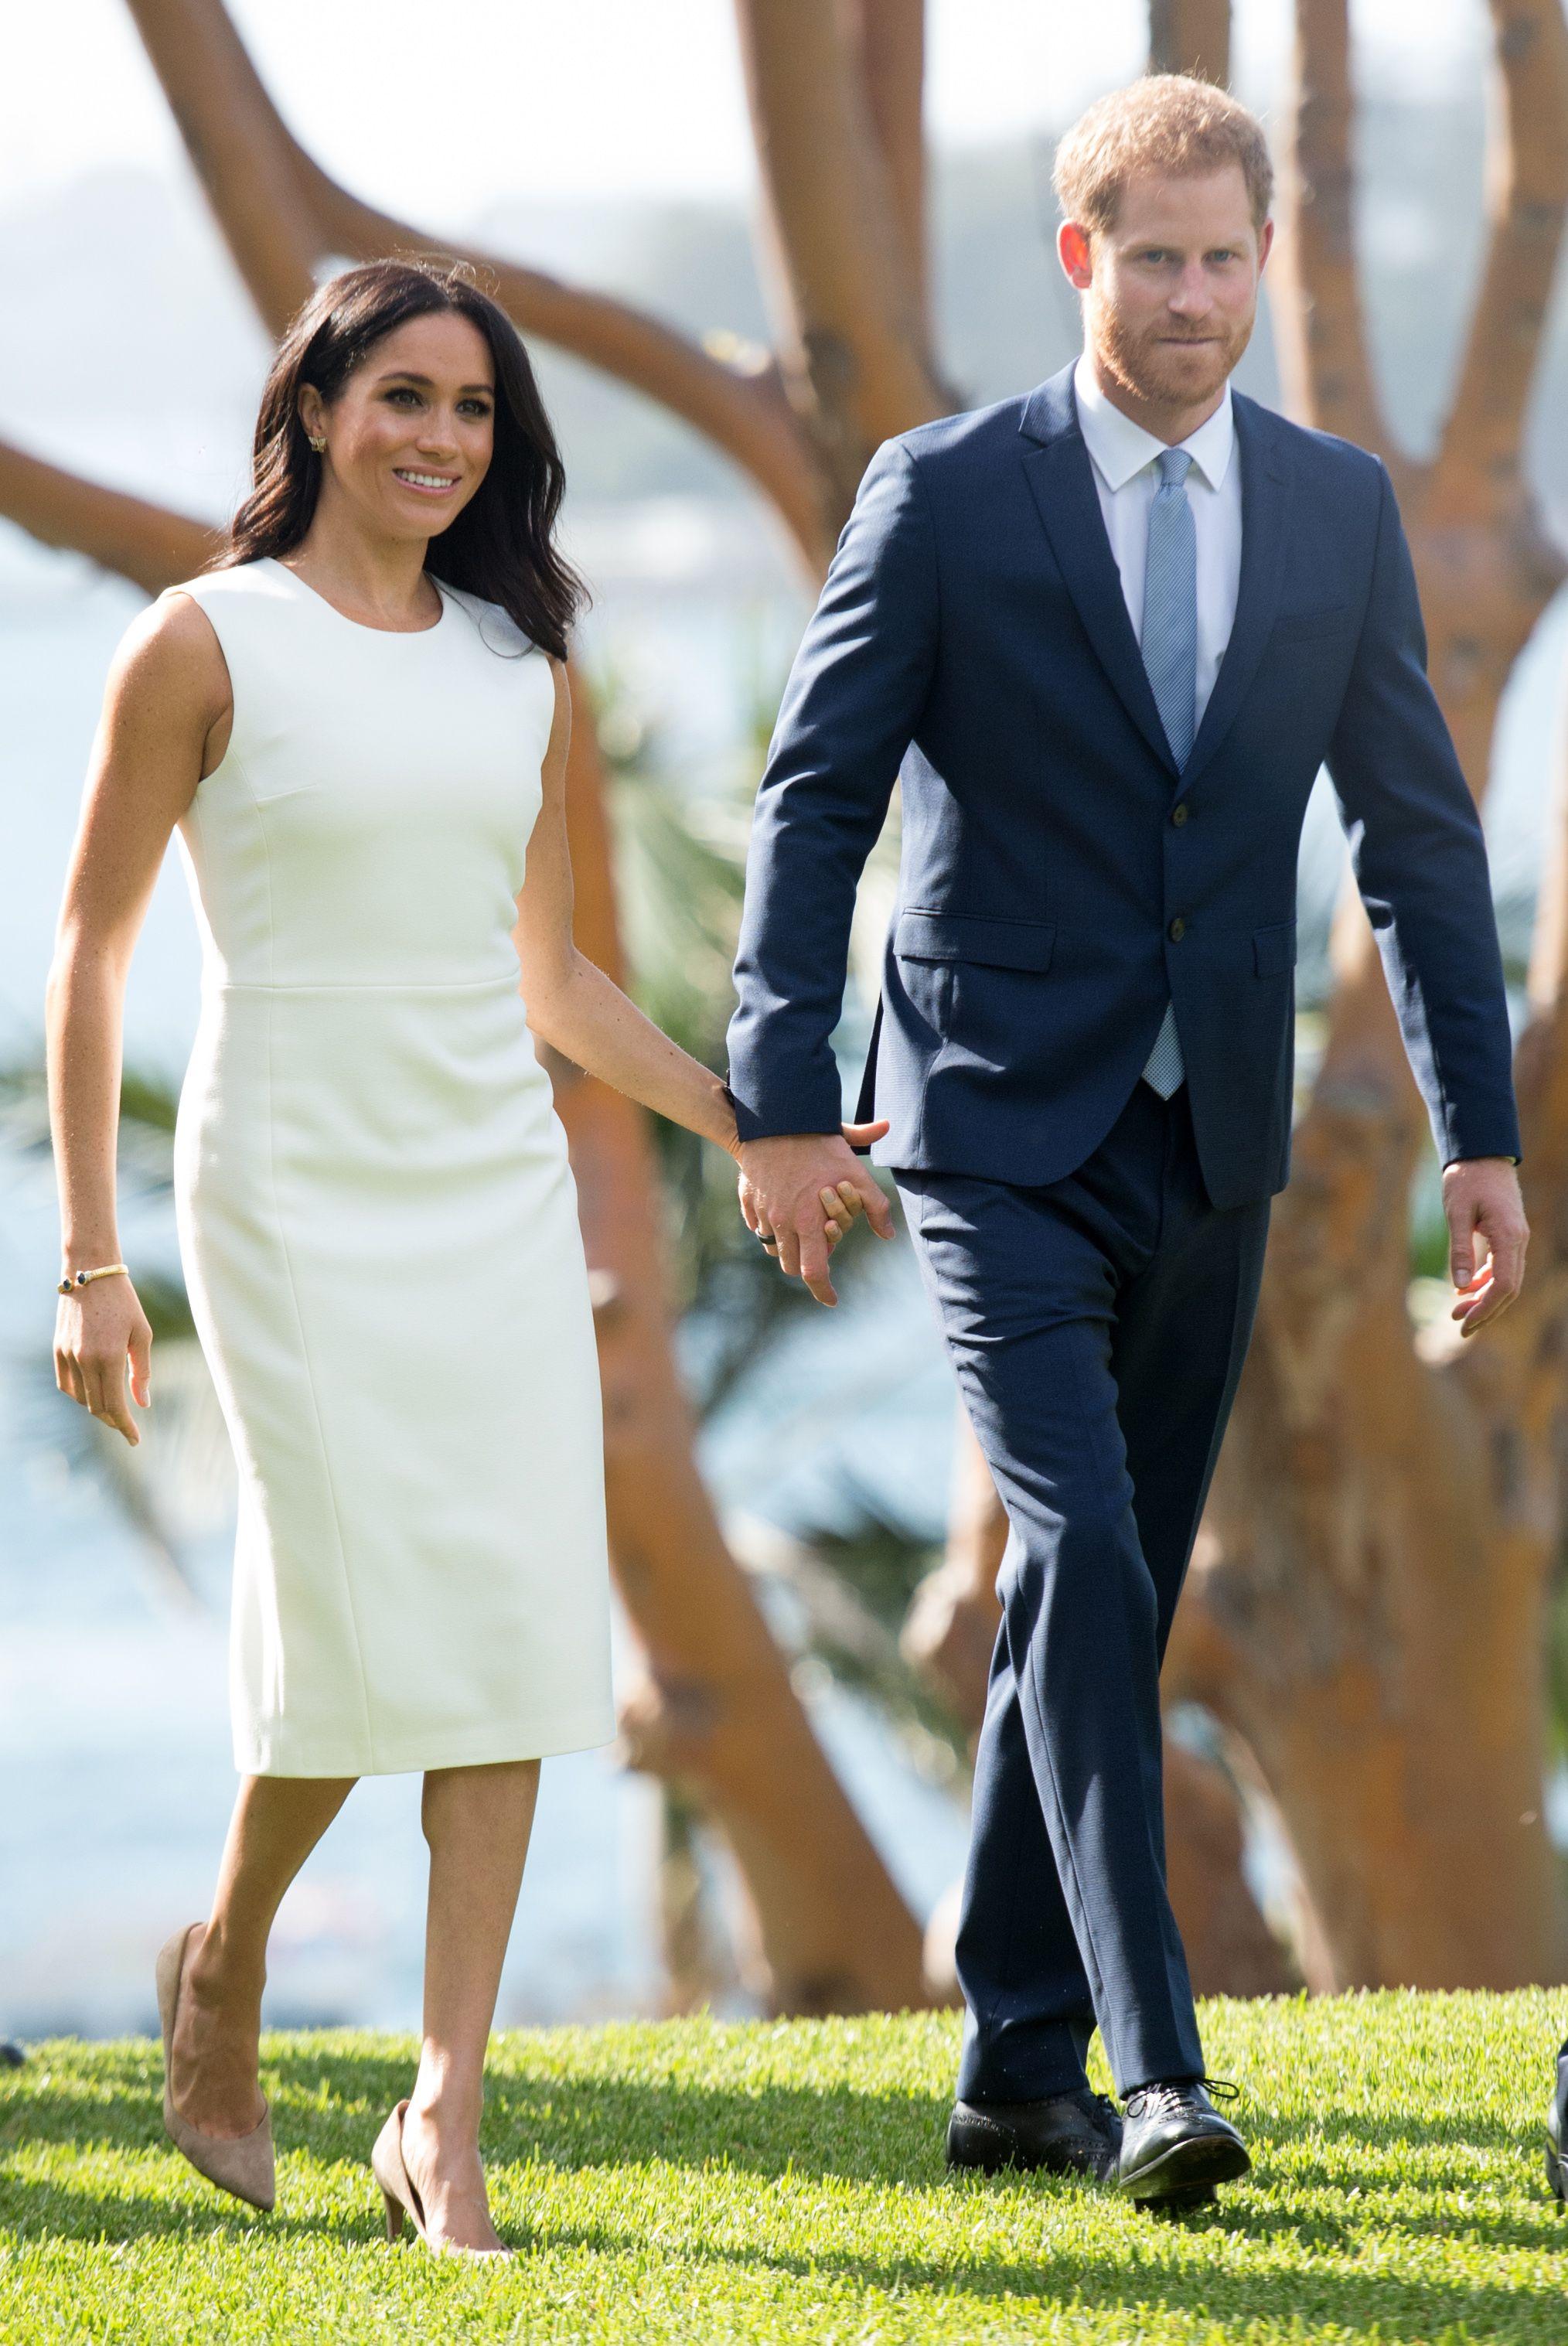 """Ảnh cũ lục lại: Cùng mặc một kiểu đầm trắng, Meghan Markle bị chê khí chất """"kém"""" hẳn so với Đệ nhất phu nhân Mỹ dù người mới 39 và người tận 50  - Ảnh 5."""